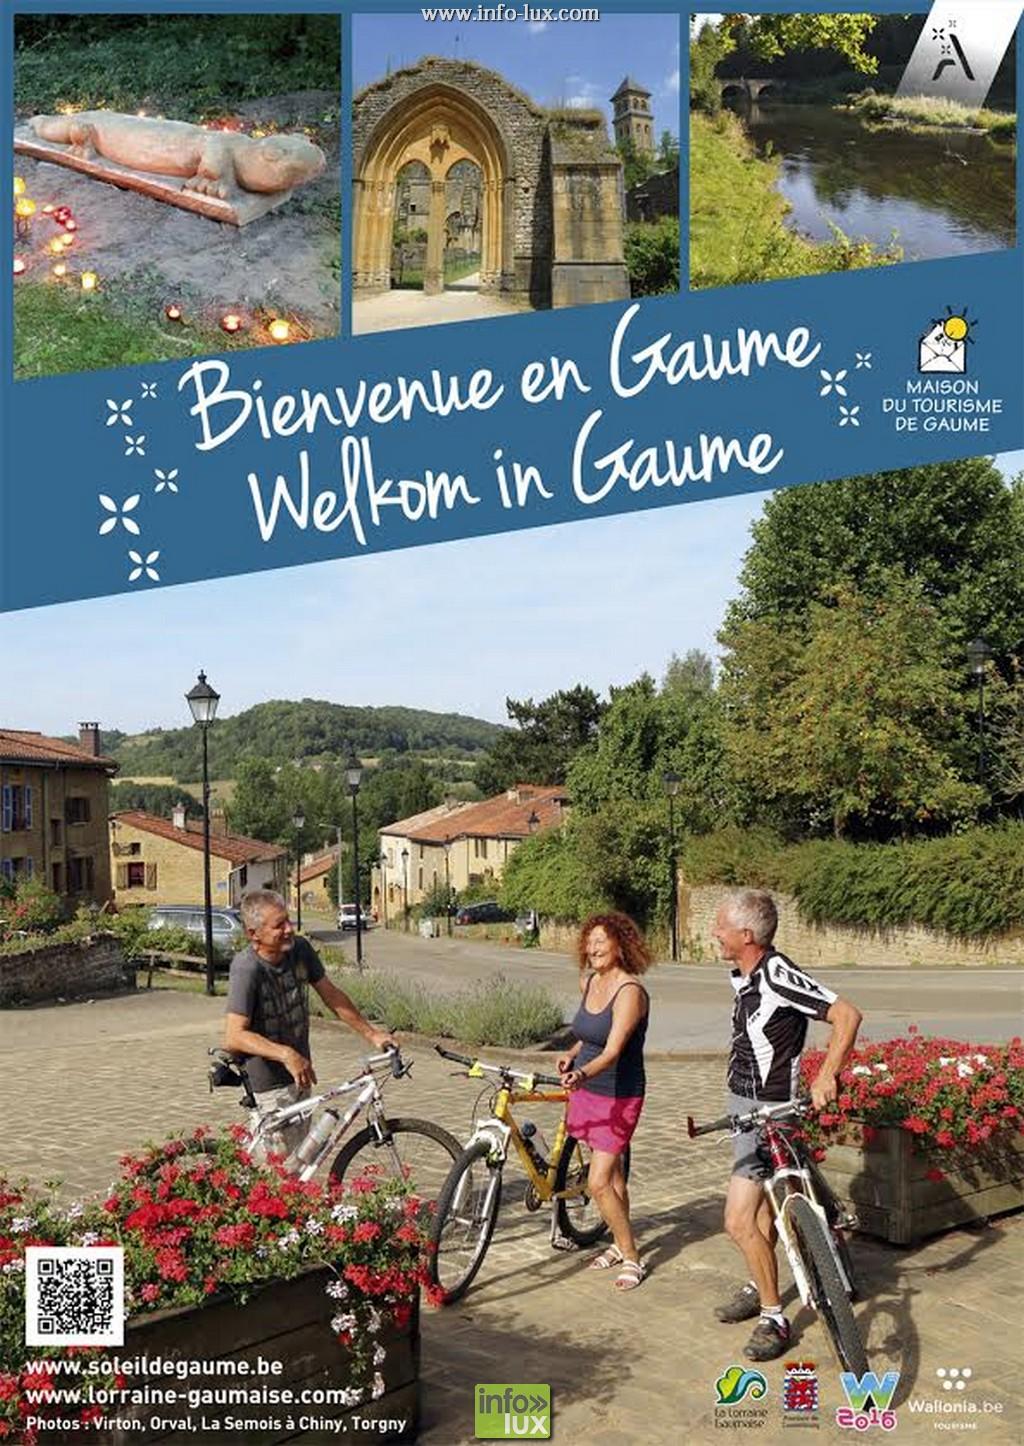 Le nouveau livret touristique de Gaume est sortit.